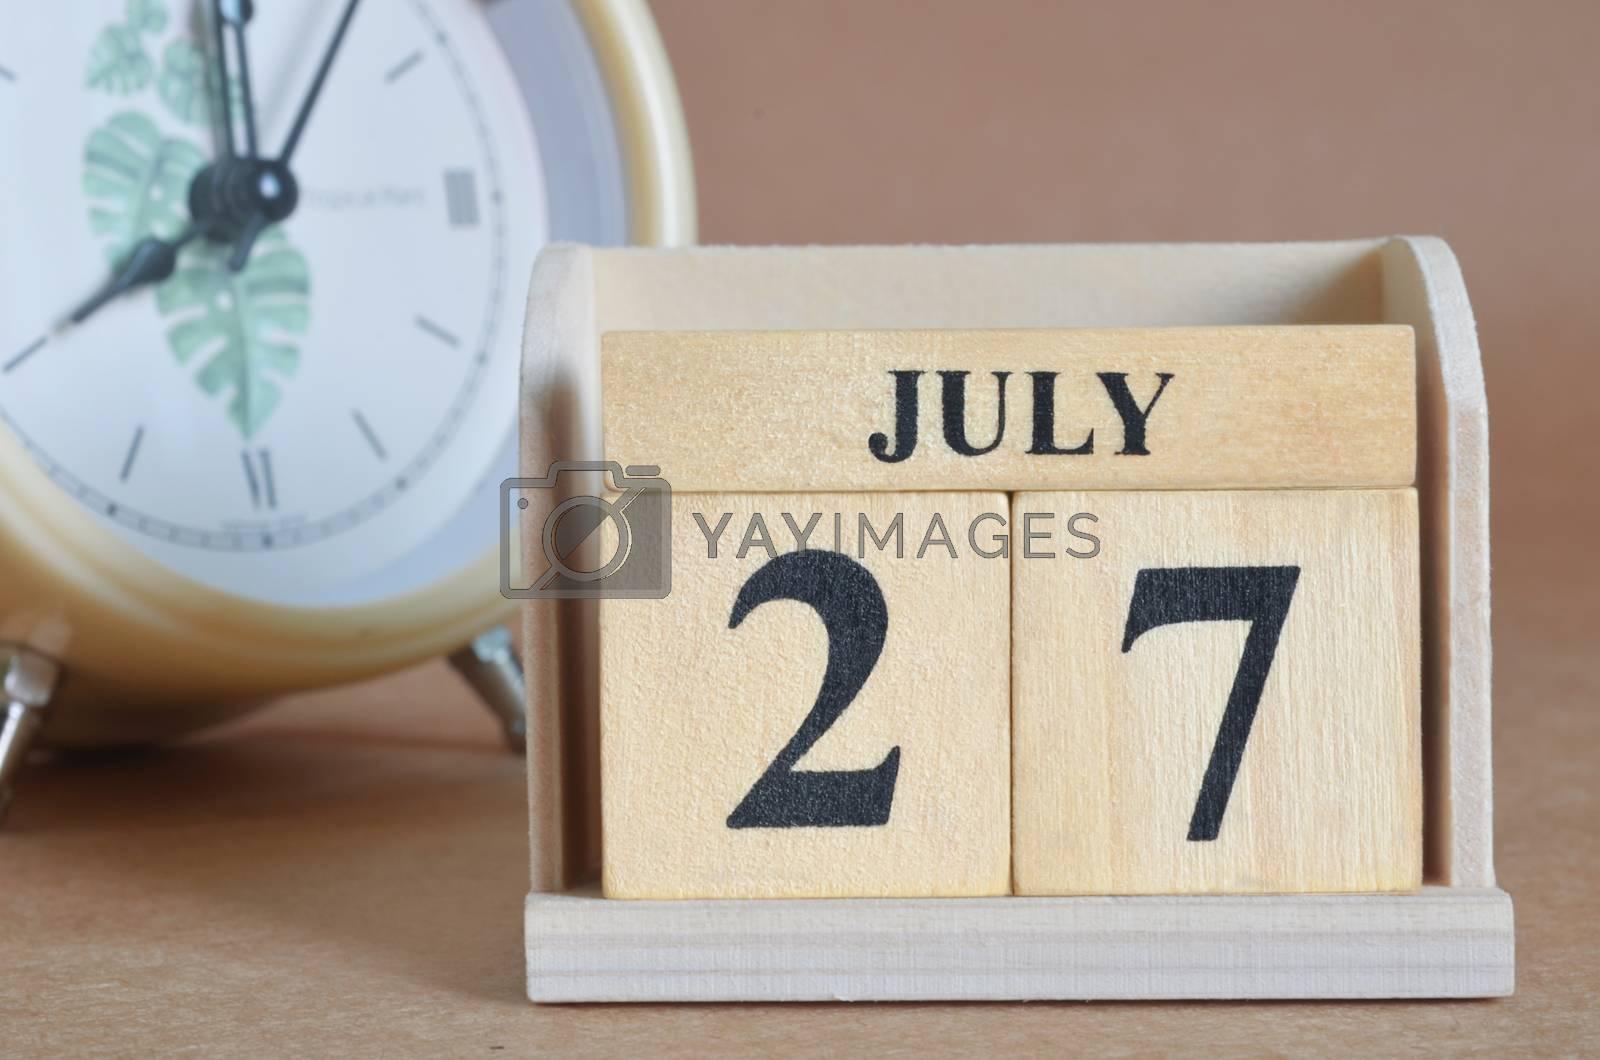 July 27 by Mrfrost